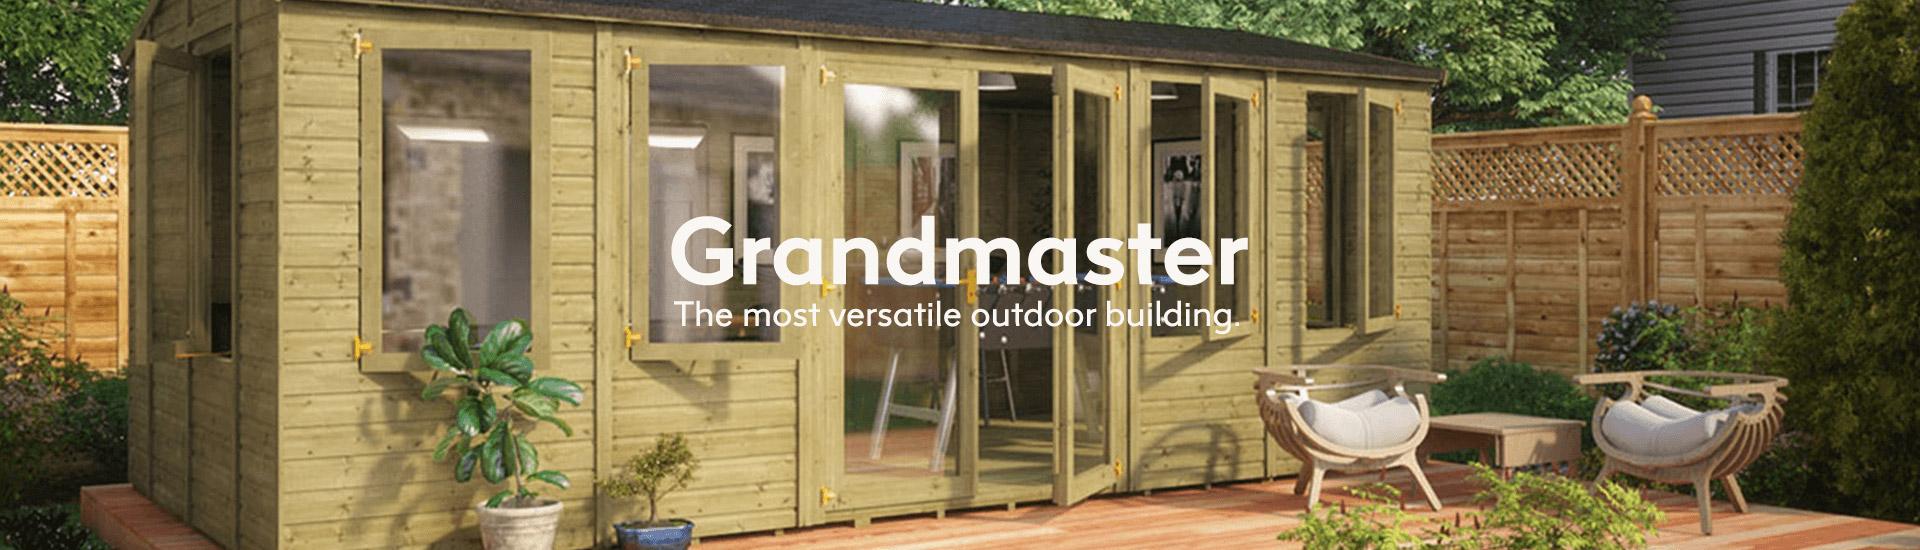 Grandmaster The most versatile outdoor building